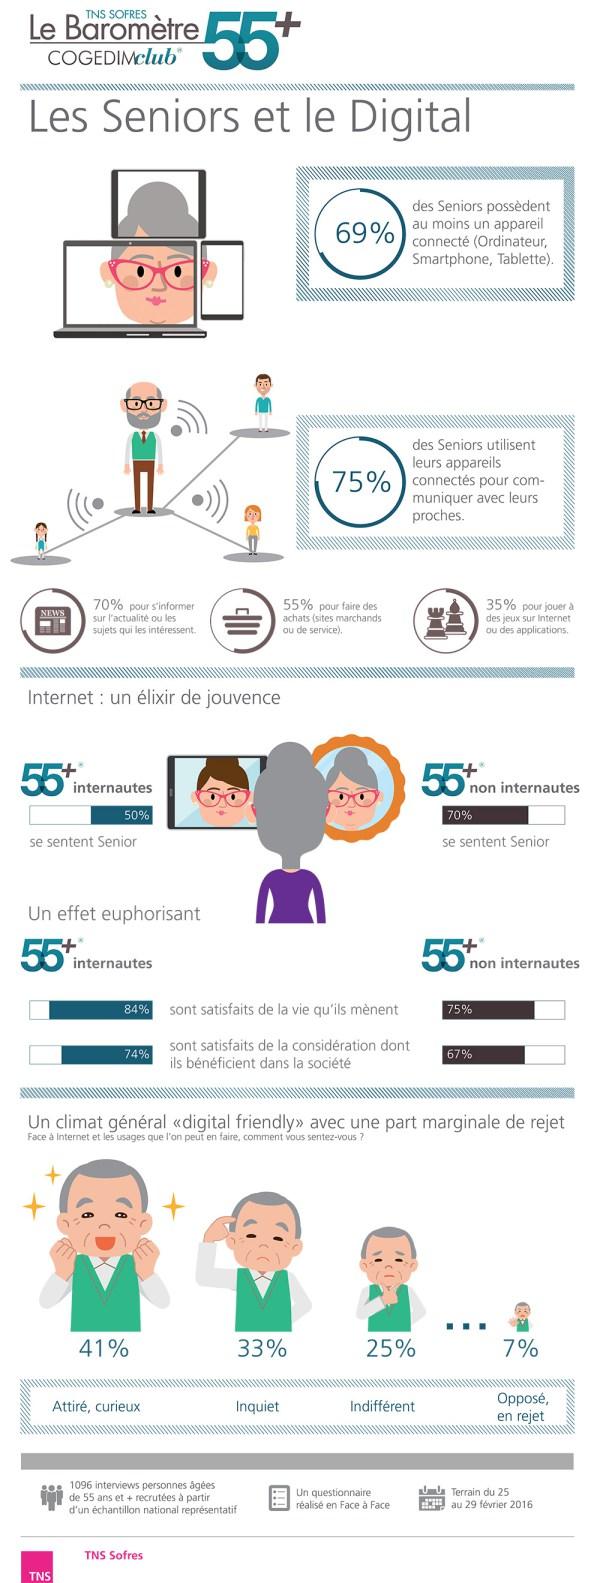 Les-Seniors-et-le-digital-Infographie' 'http://i1.wp.com/buzz-esante.fr/wp-content/uploads/2016/04/Les-Seniors-et-le-digital-Infographie.jpg?w=1000 1000w, http://i1.wp.com/buzz-esante.fr/wp-content/uploads/2016/04/Les-Seniors-et-le-digital-Infographie.jpg?resize=114%2C300 114w, http://i1.wp.com/buzz-esante.fr/wp-content/uploads/2016/04/Les-Seniors-et-le-digital-Infographie.jpg?resize=388%2C1024 388w, http://i1.wp.com/buzz-esante.fr/wp-content/uploads/2016/04/Les-Seniors-et-le-digital-Infographie.jpg?resize=600%2C1583 600w